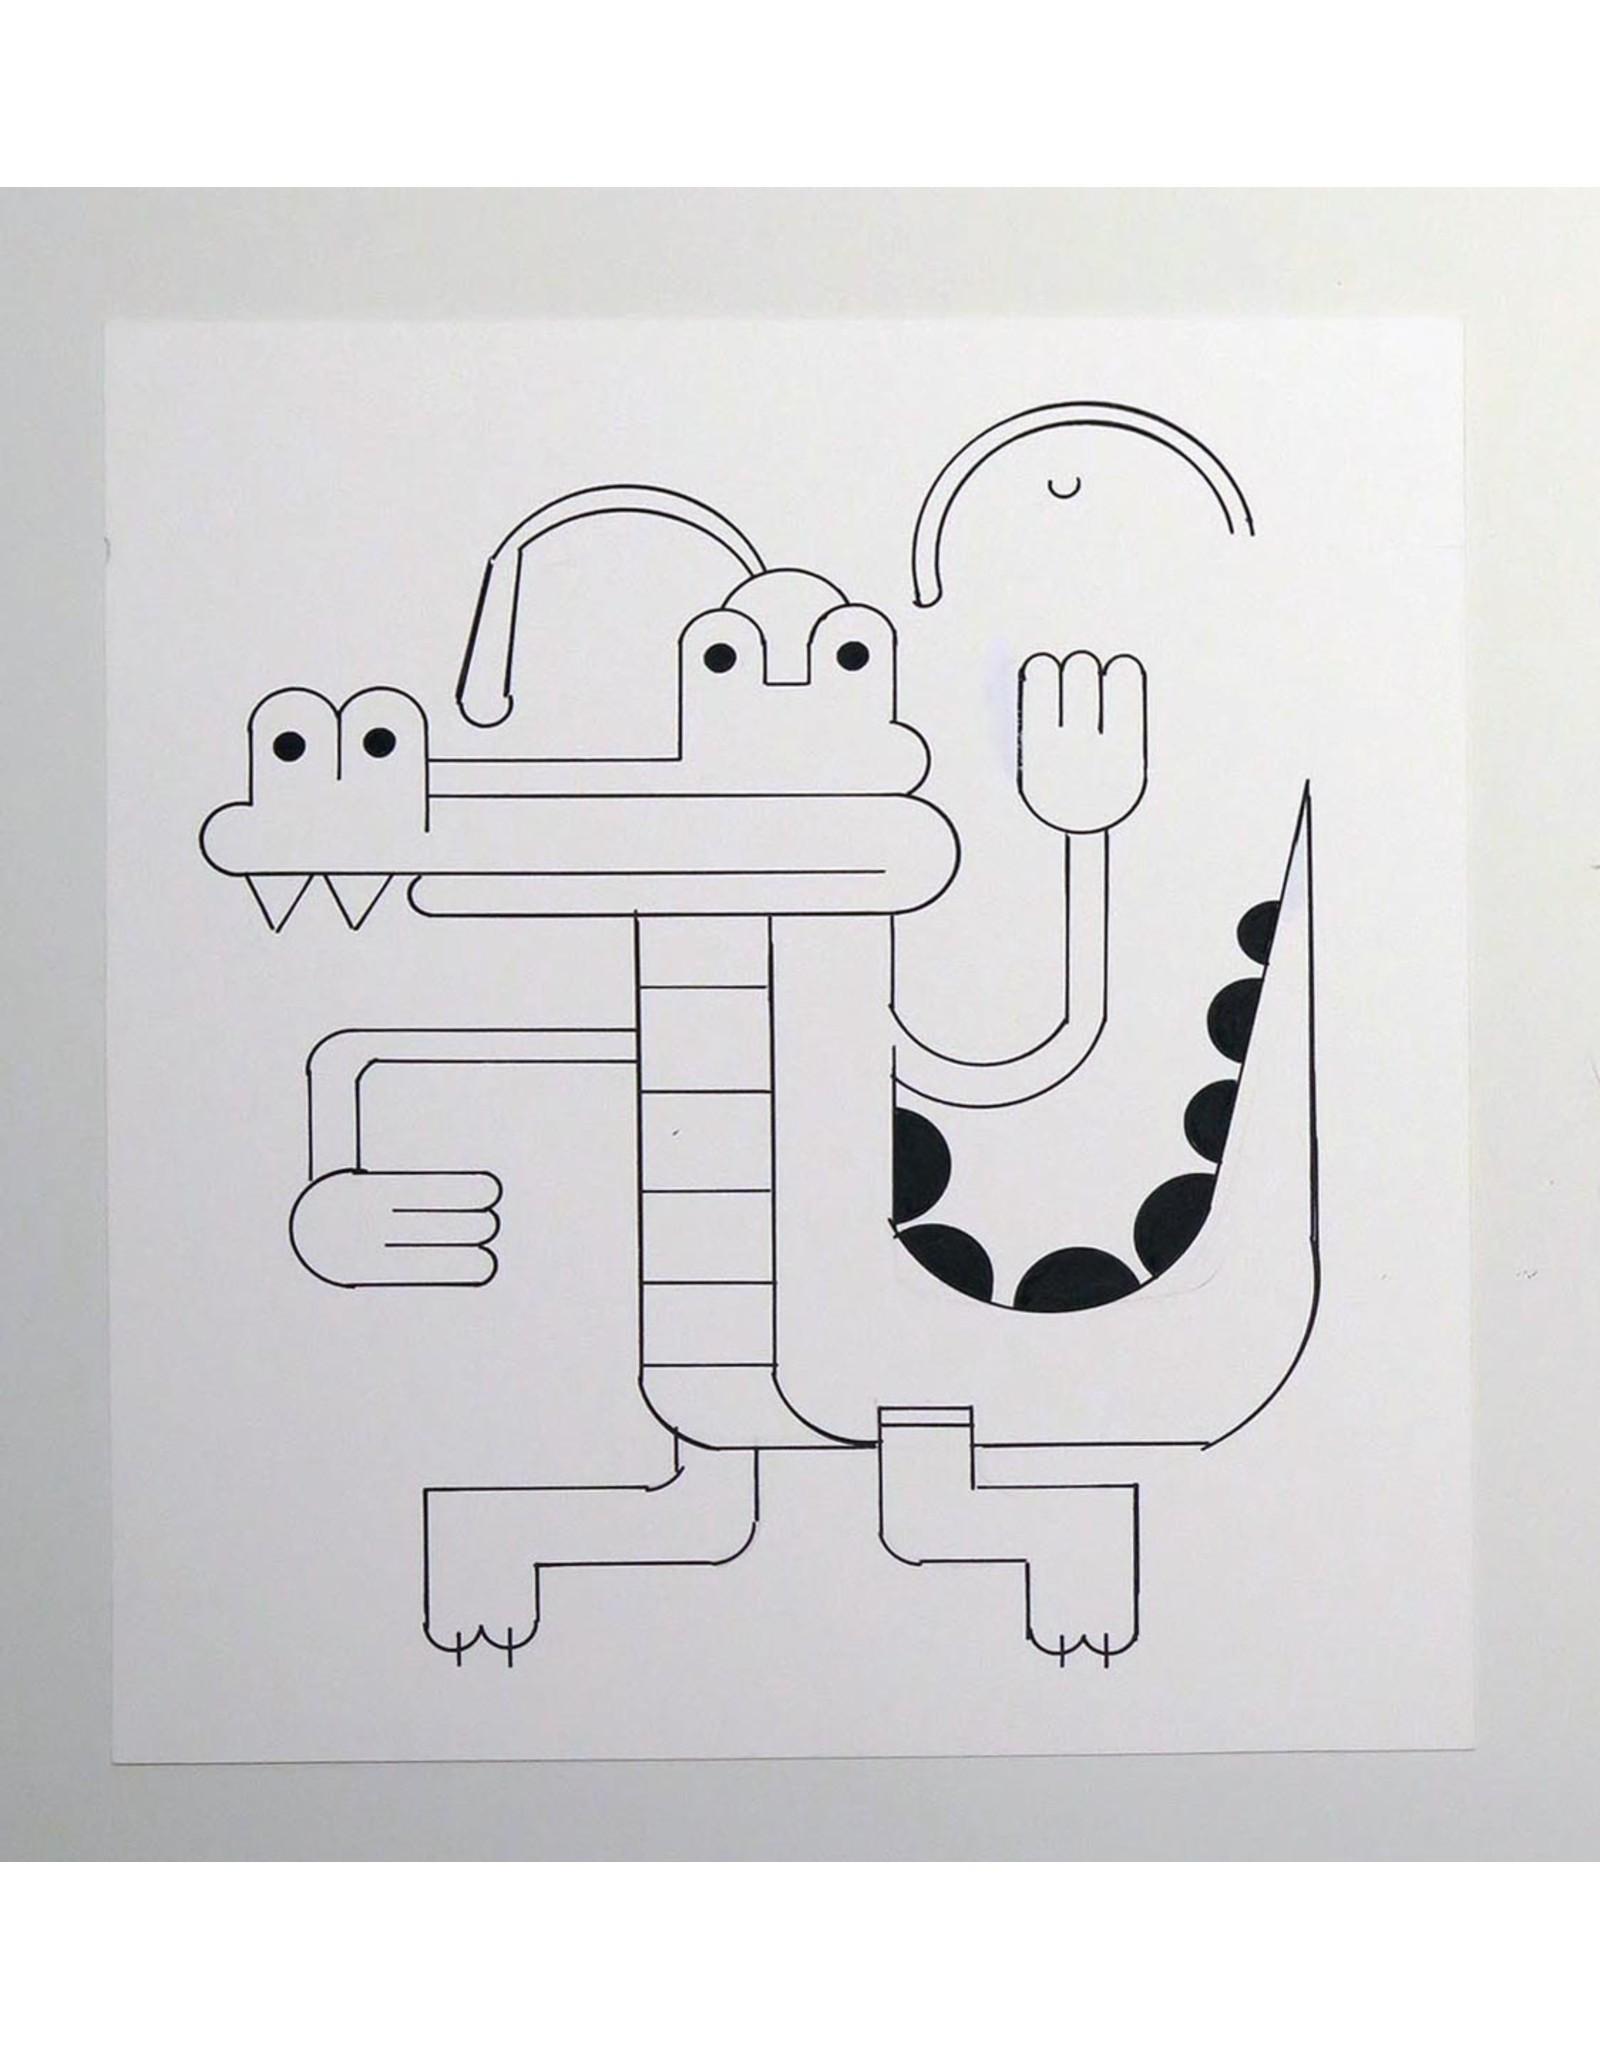 Ivan Brunetti Alligator, Illustration by Ivan Brunetti